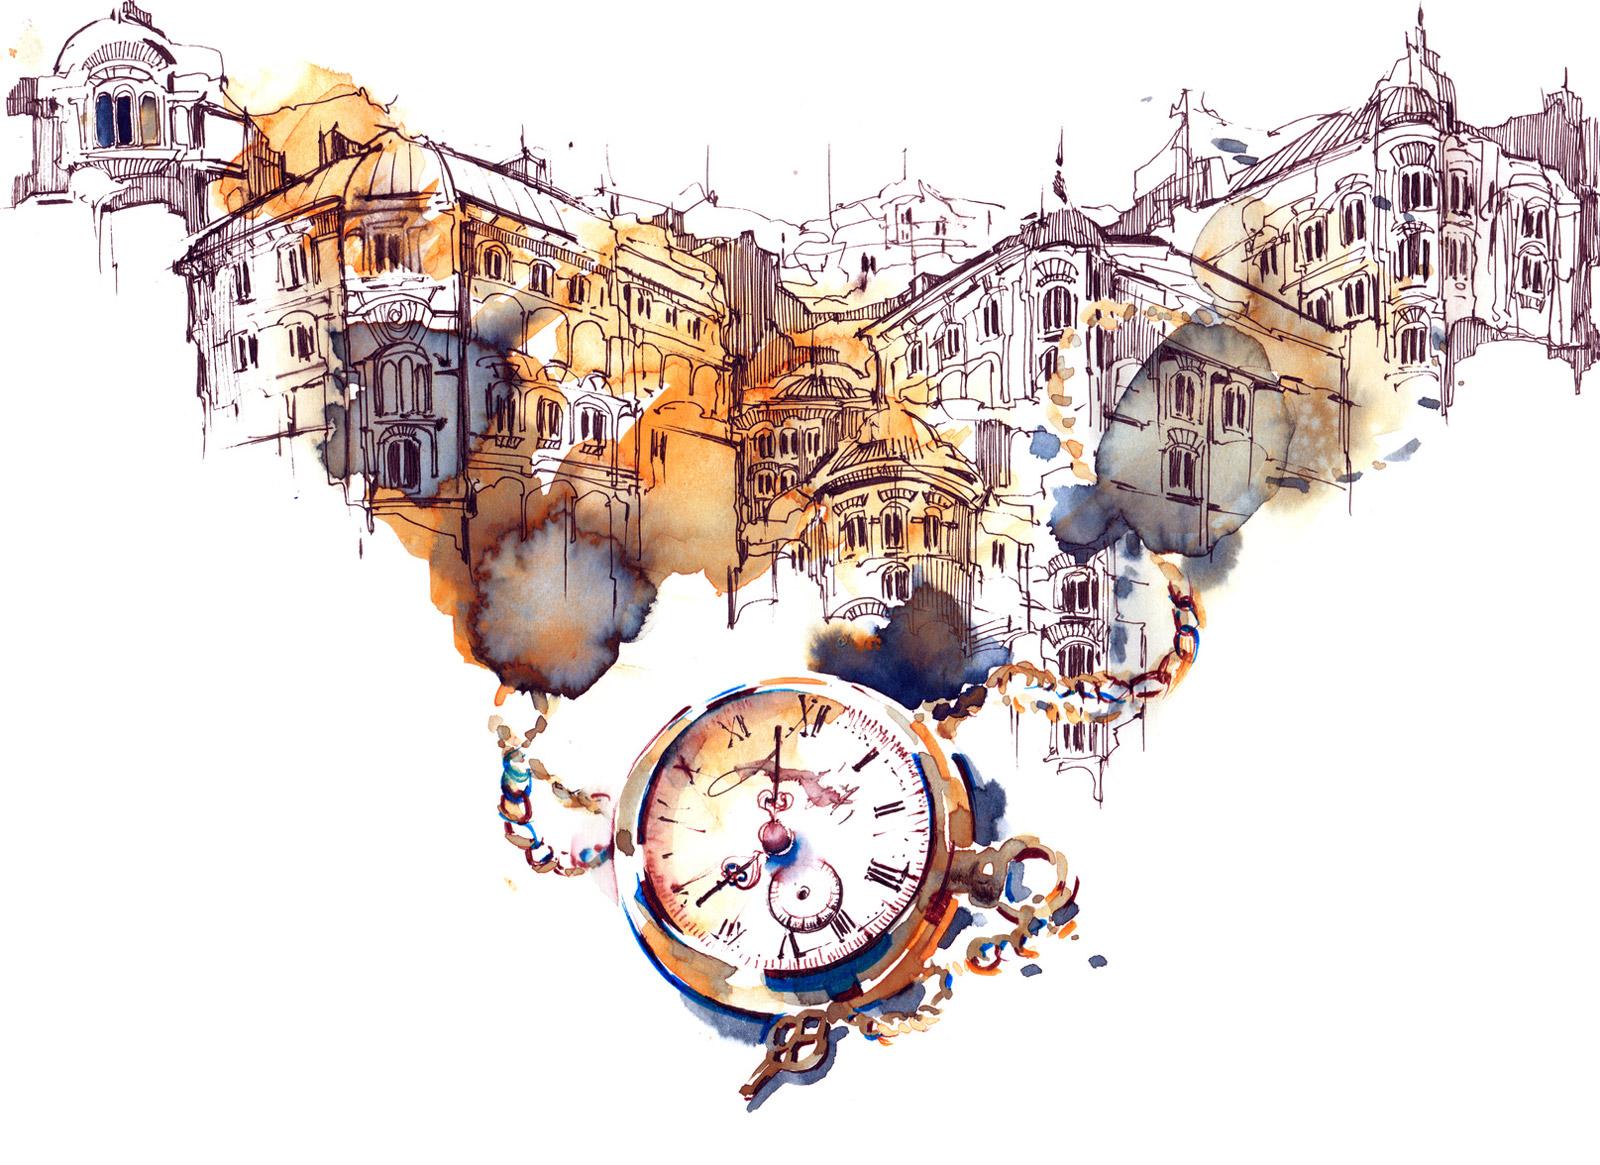 街並みと懐中時計